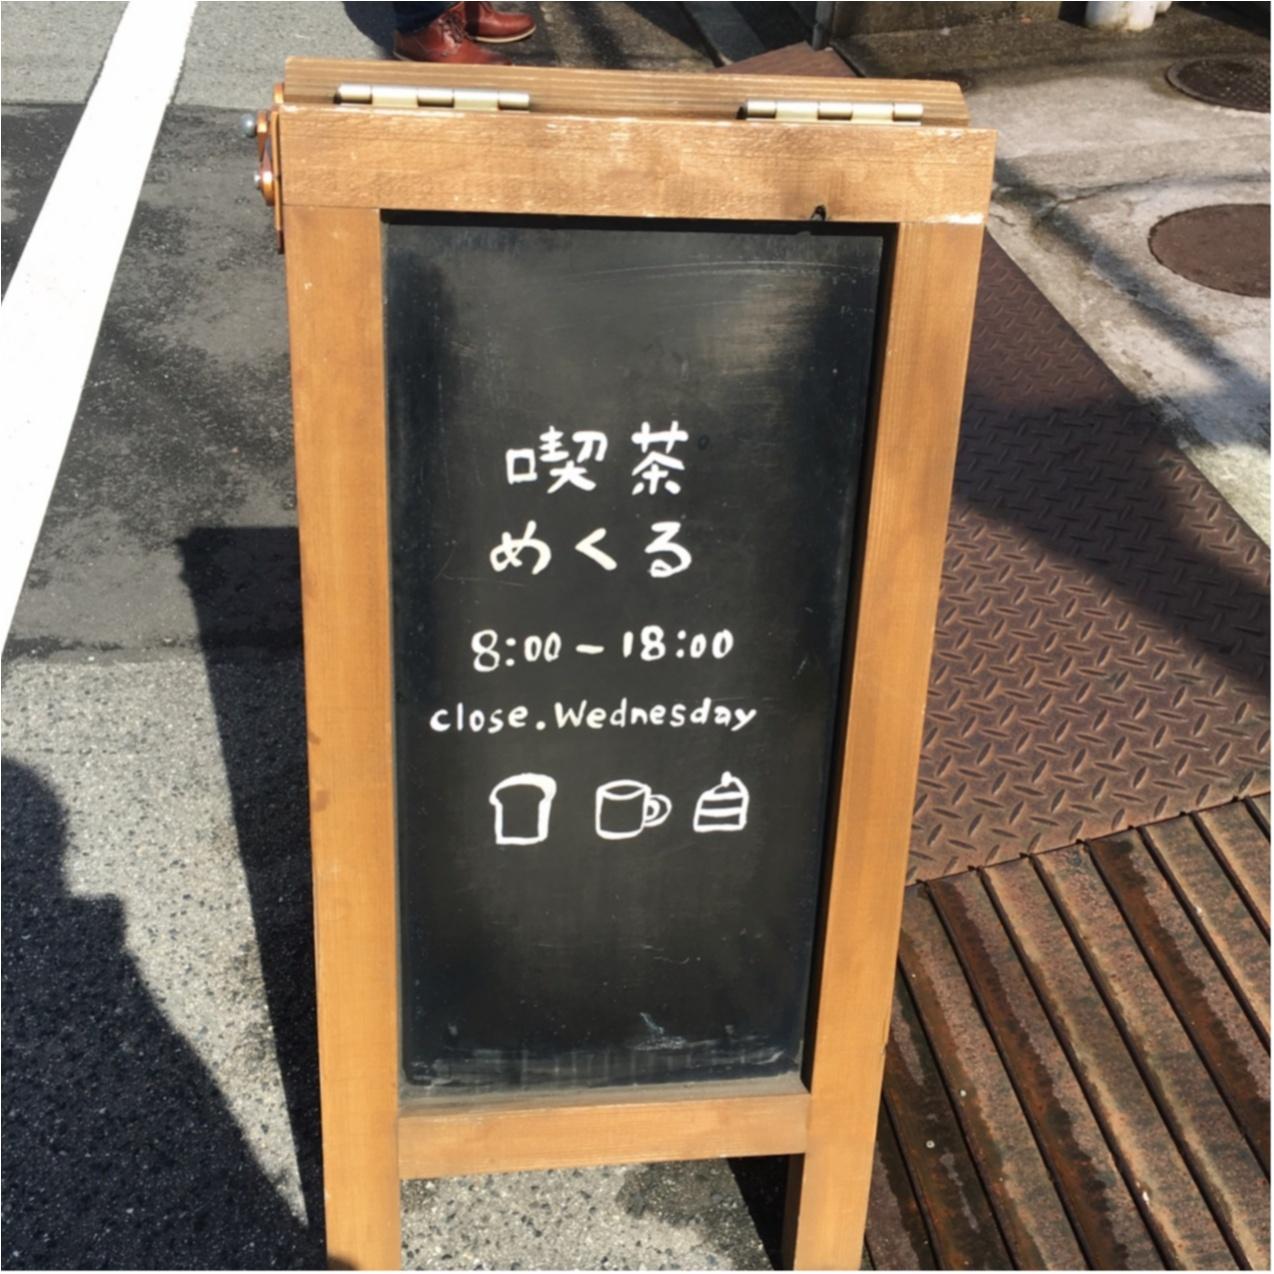 《 私のカフェめぐり♪ 》濃厚で美味しい♡ 手作りプリンが食べれる喫茶店♡_1